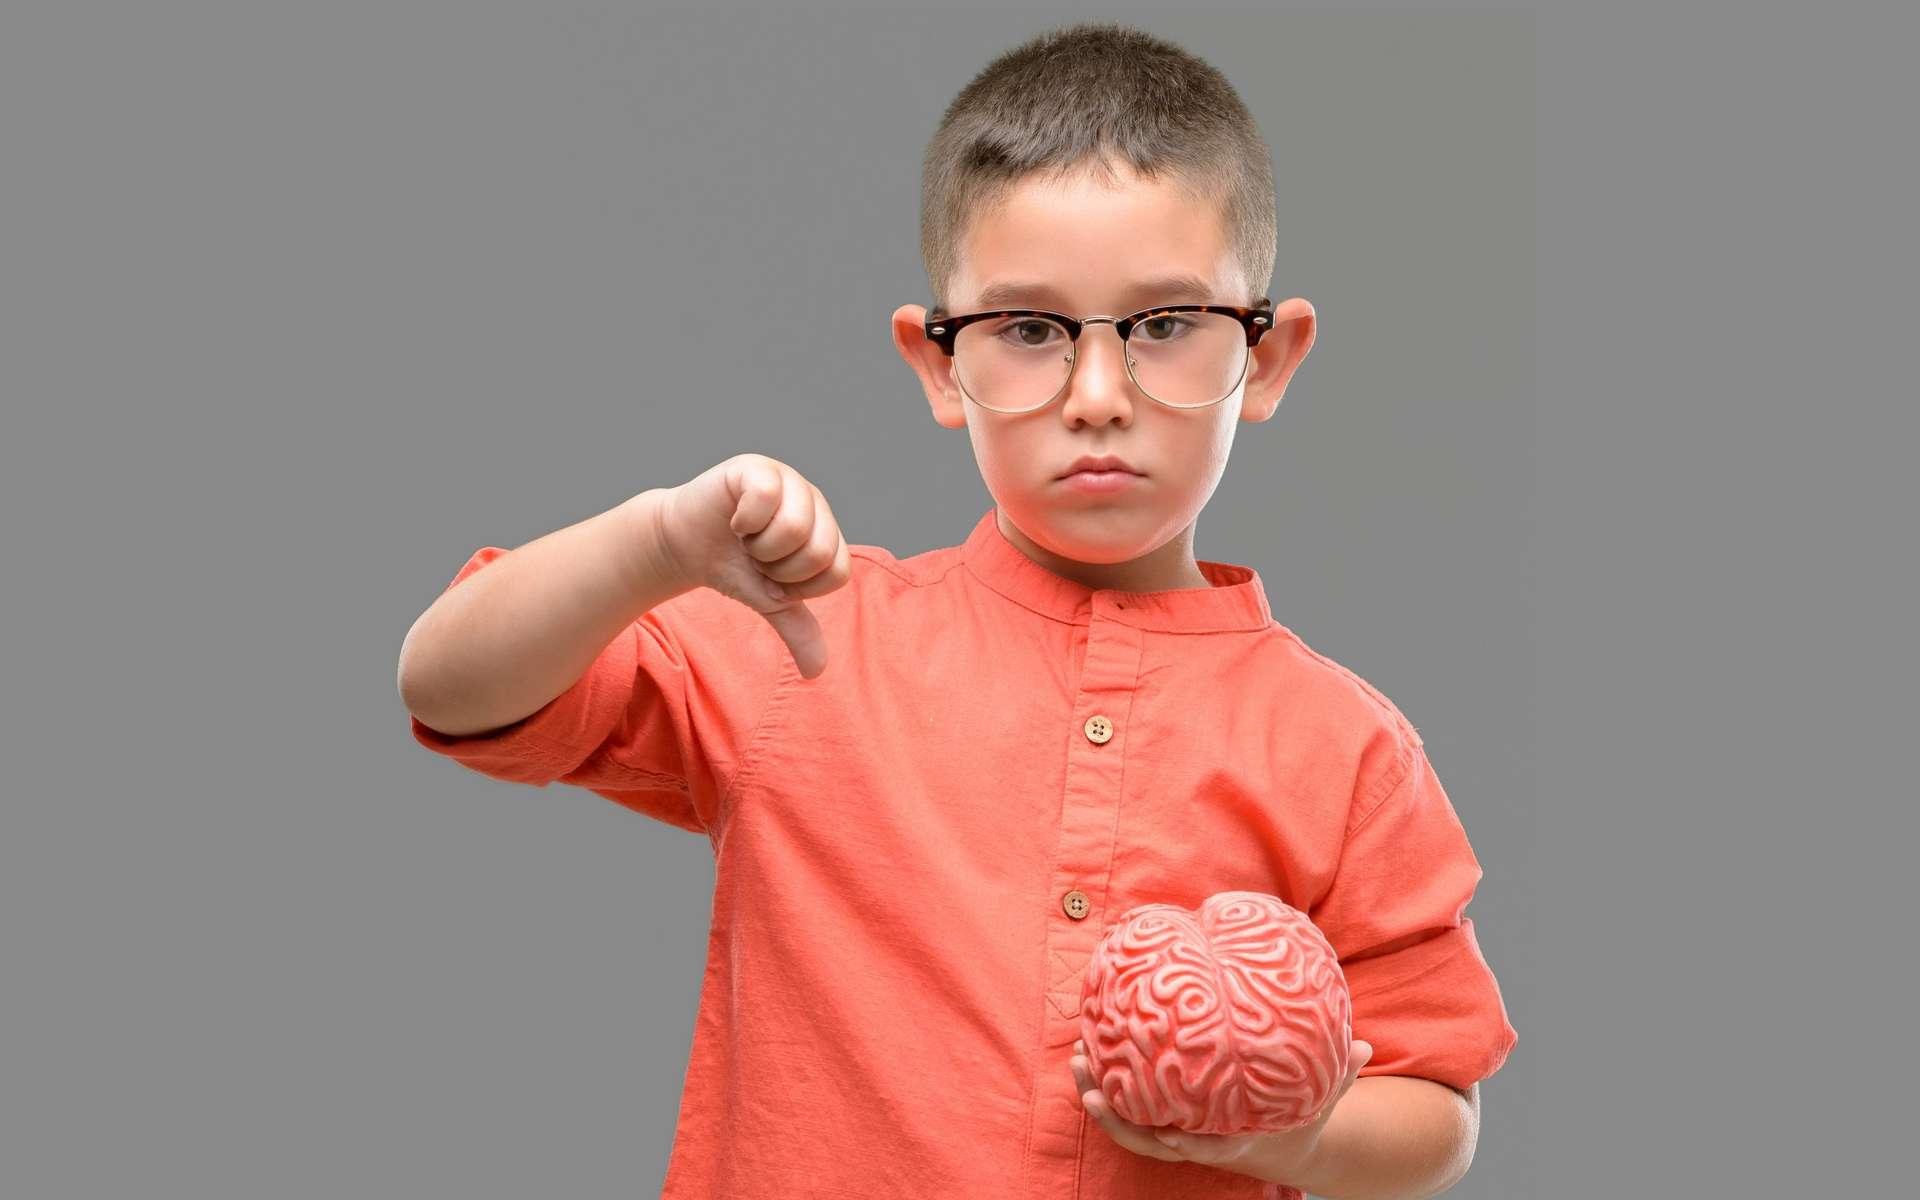 Notre cerveau se trompe plus souvent qu'on le ne croit. © KrakenImages.com, Adobe Stock